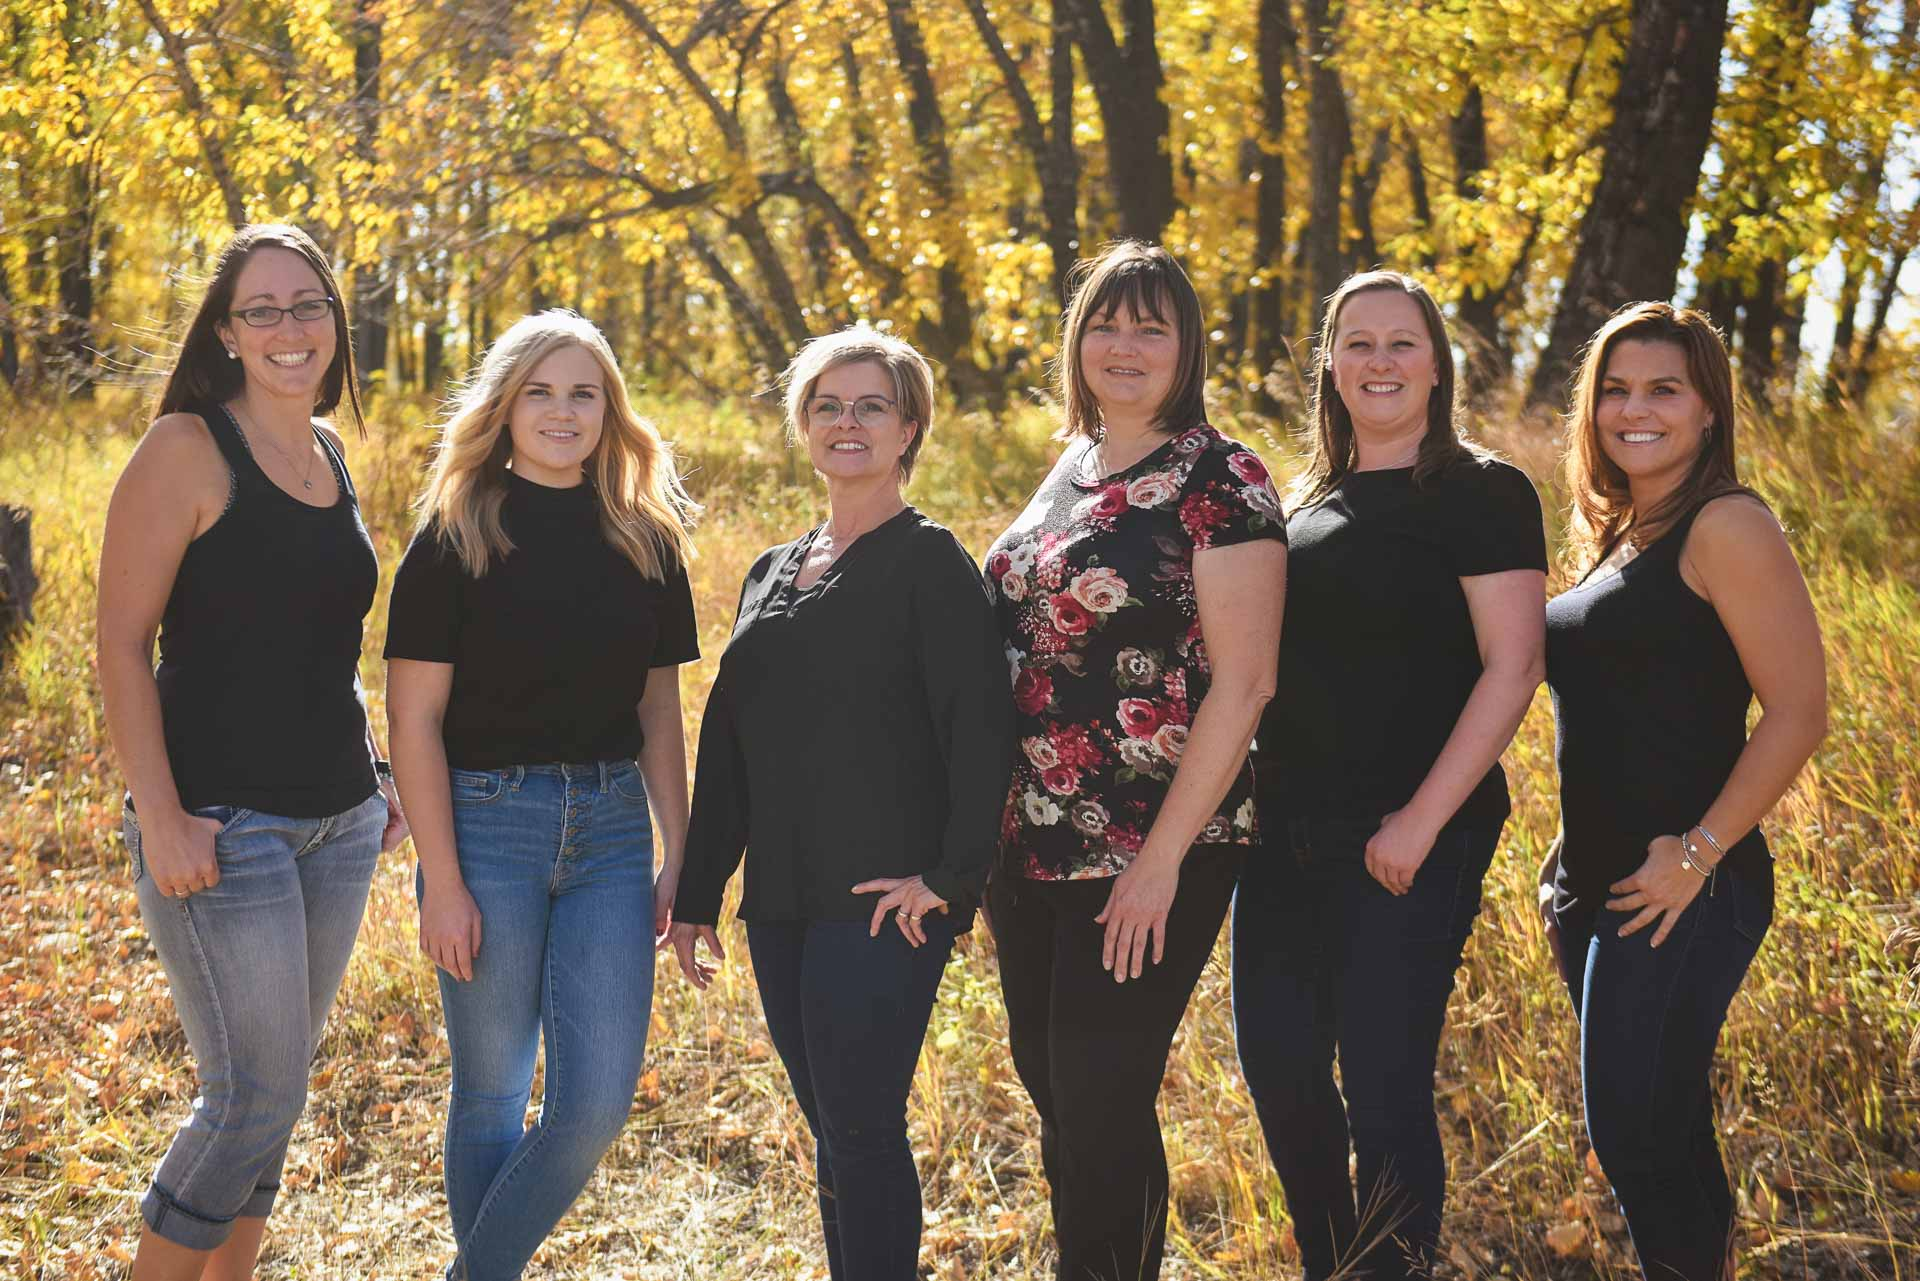 CU Smile Dental Care | Dental Assistant Team